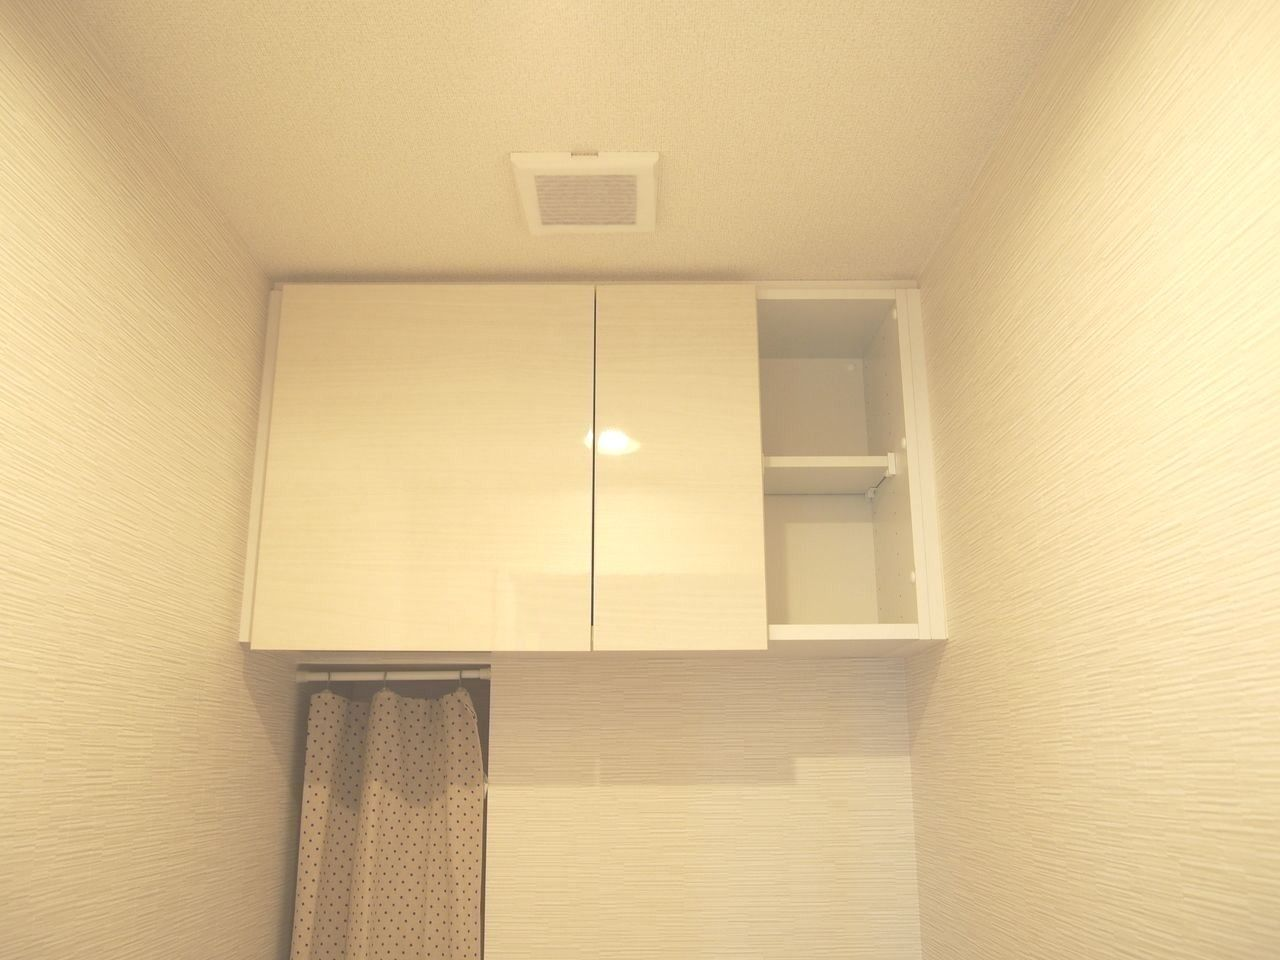 トイレットペーパーや生理用品などのストックが収納できます。